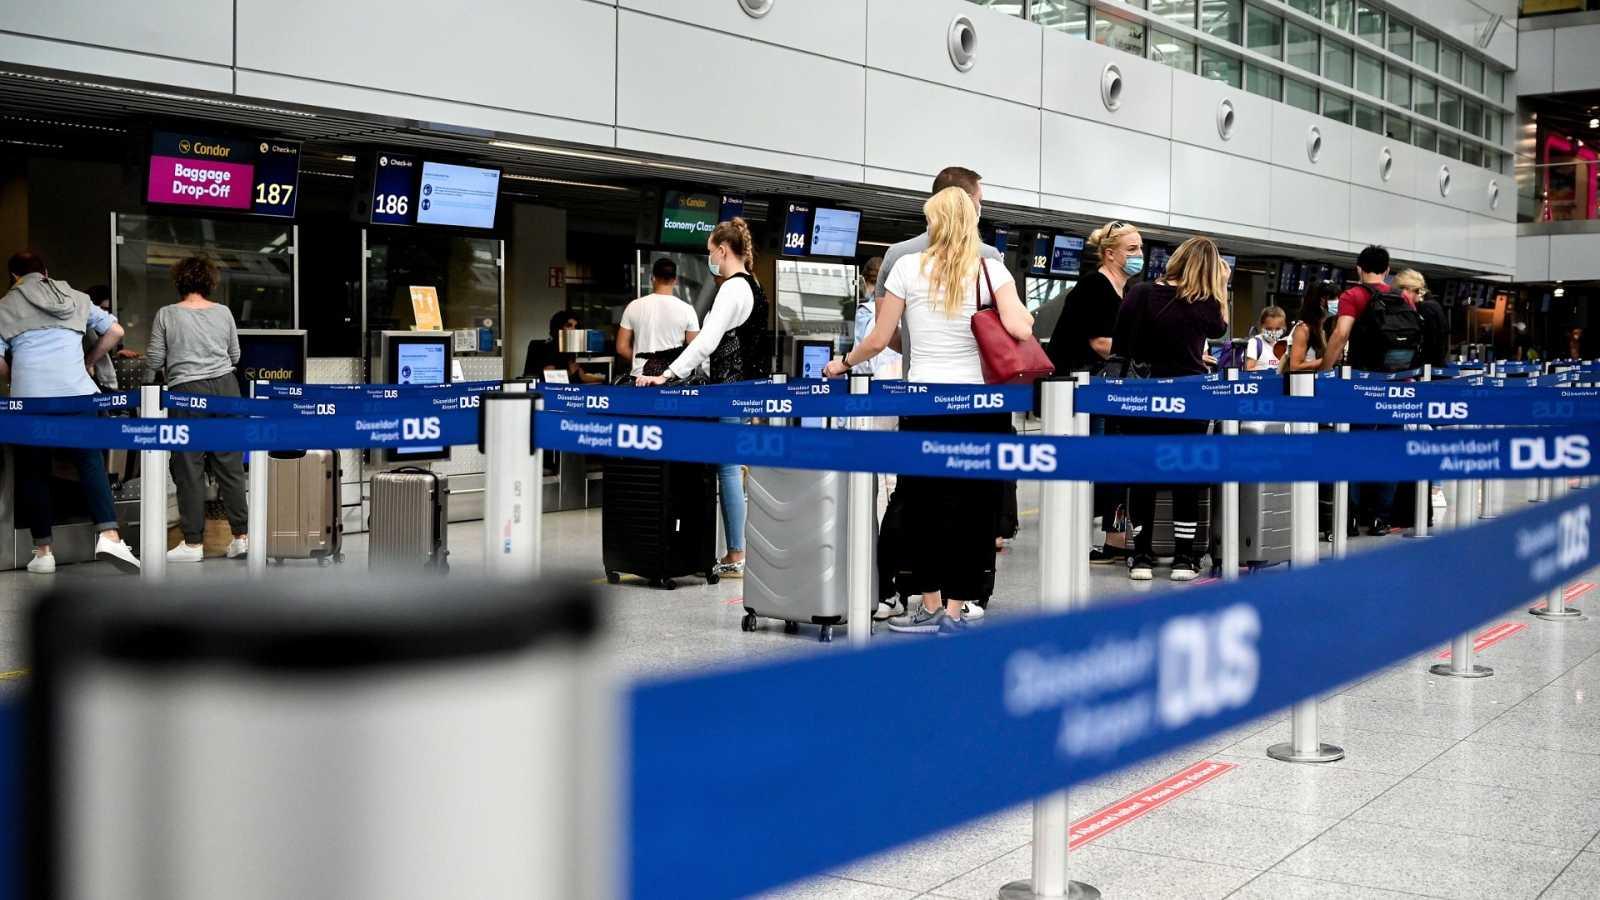 Viajeros esperan en la zona de facturación del aeropuerto de Dusseldorf, Alemania.